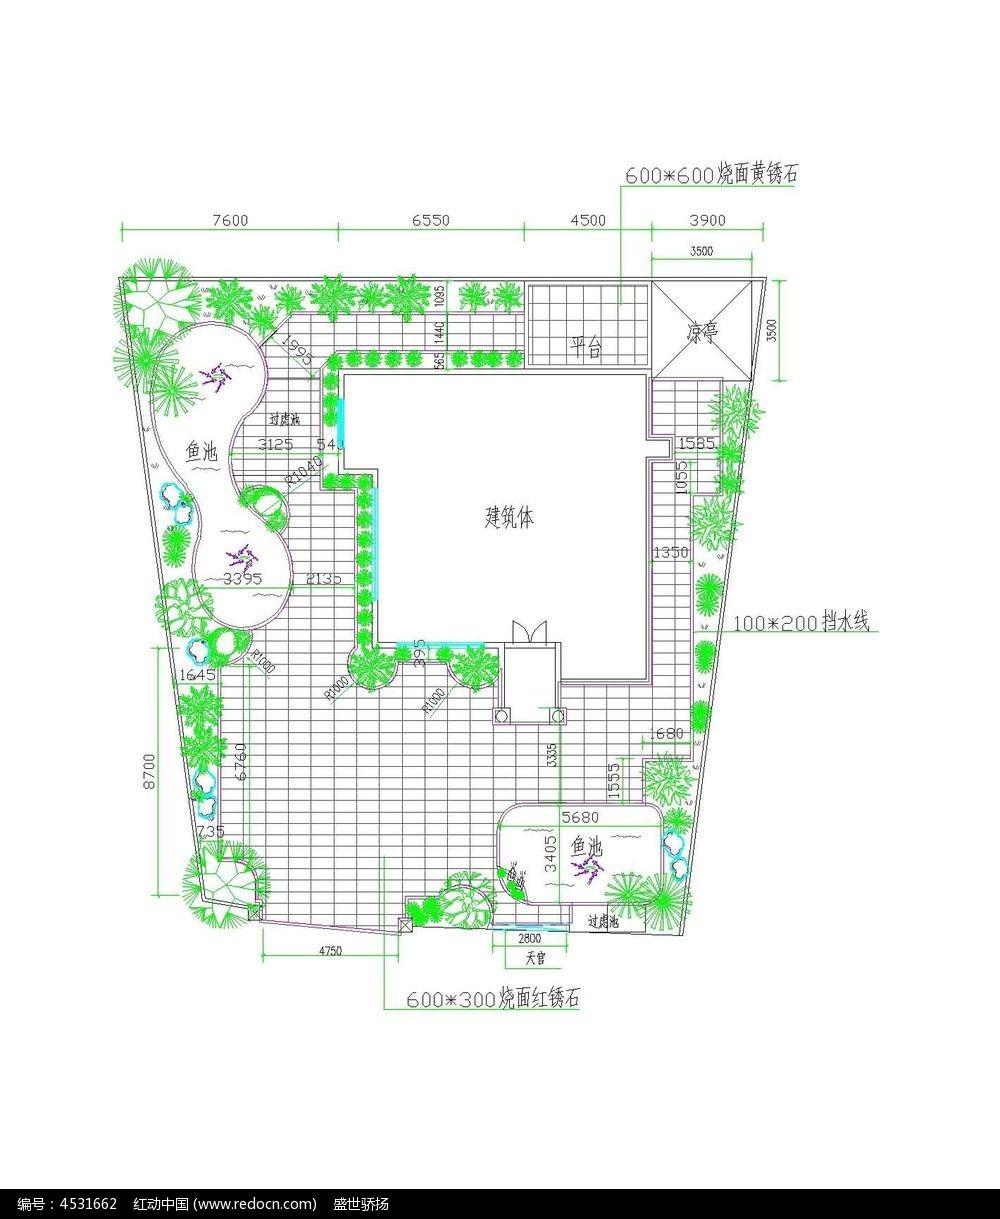 CAD施工图 别墅CAD图纸 环境绿化平面图 小花园CAD图纸 别墅景